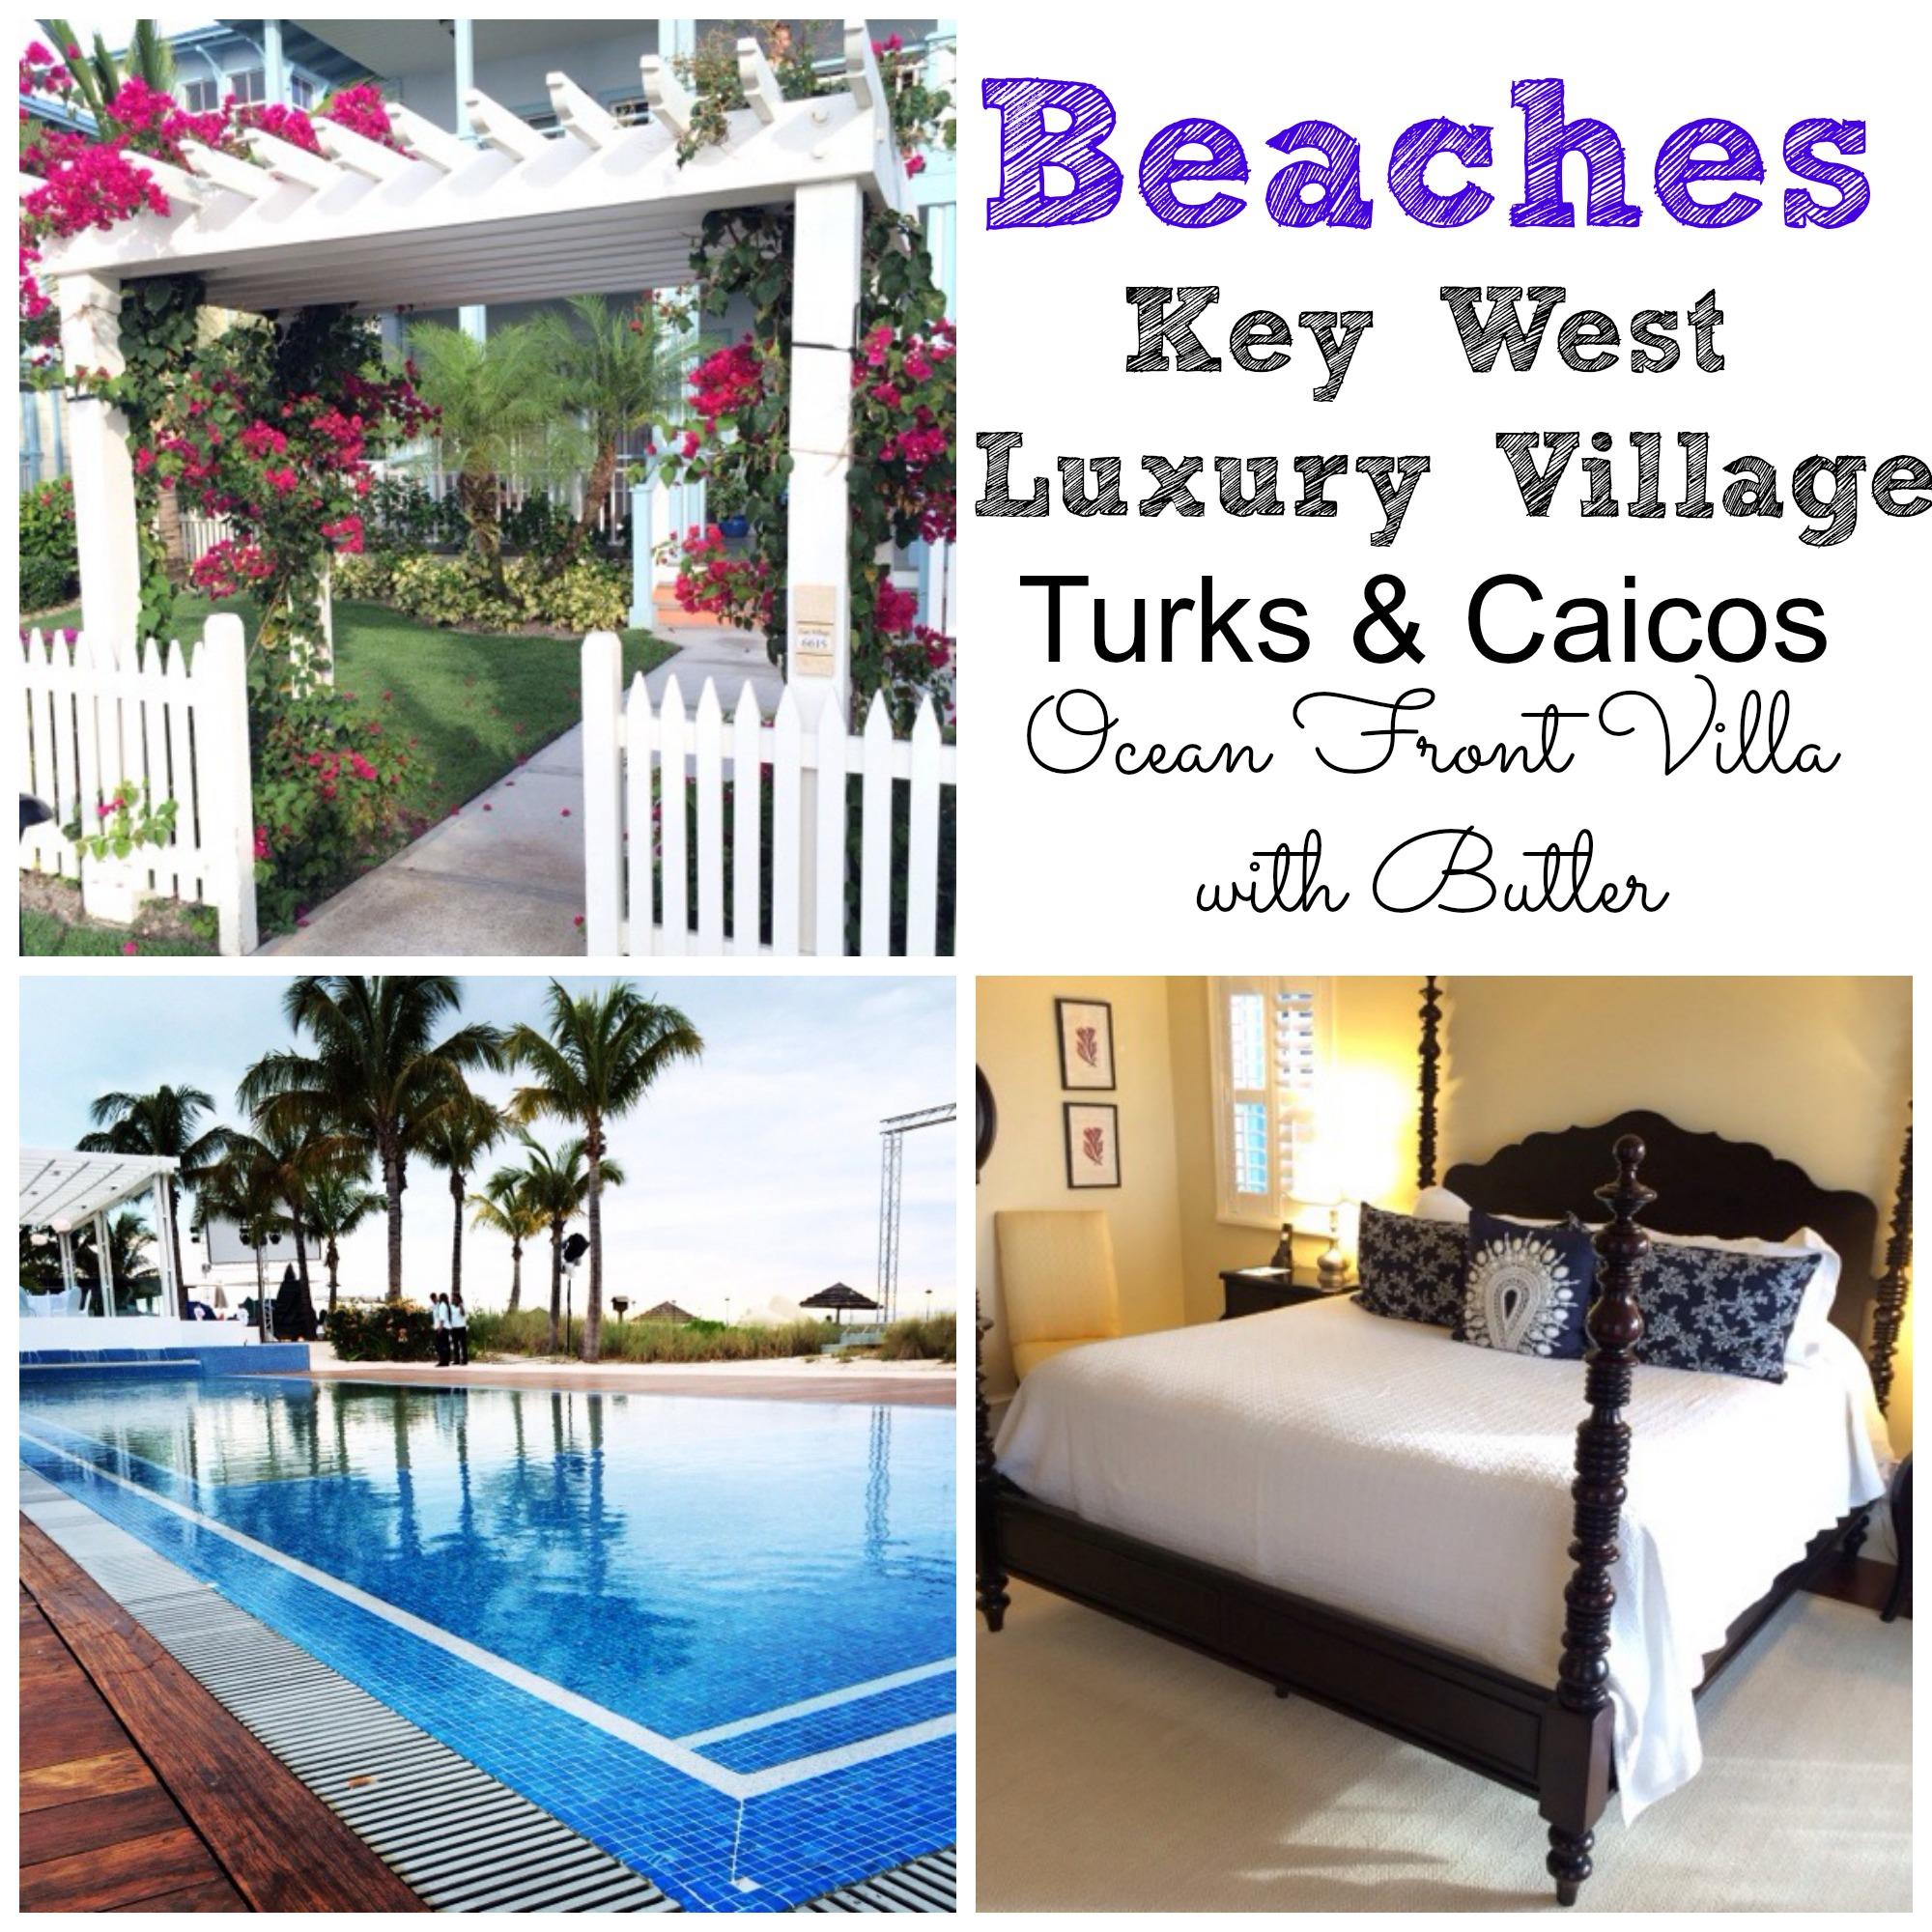 Luxury Key West Villas